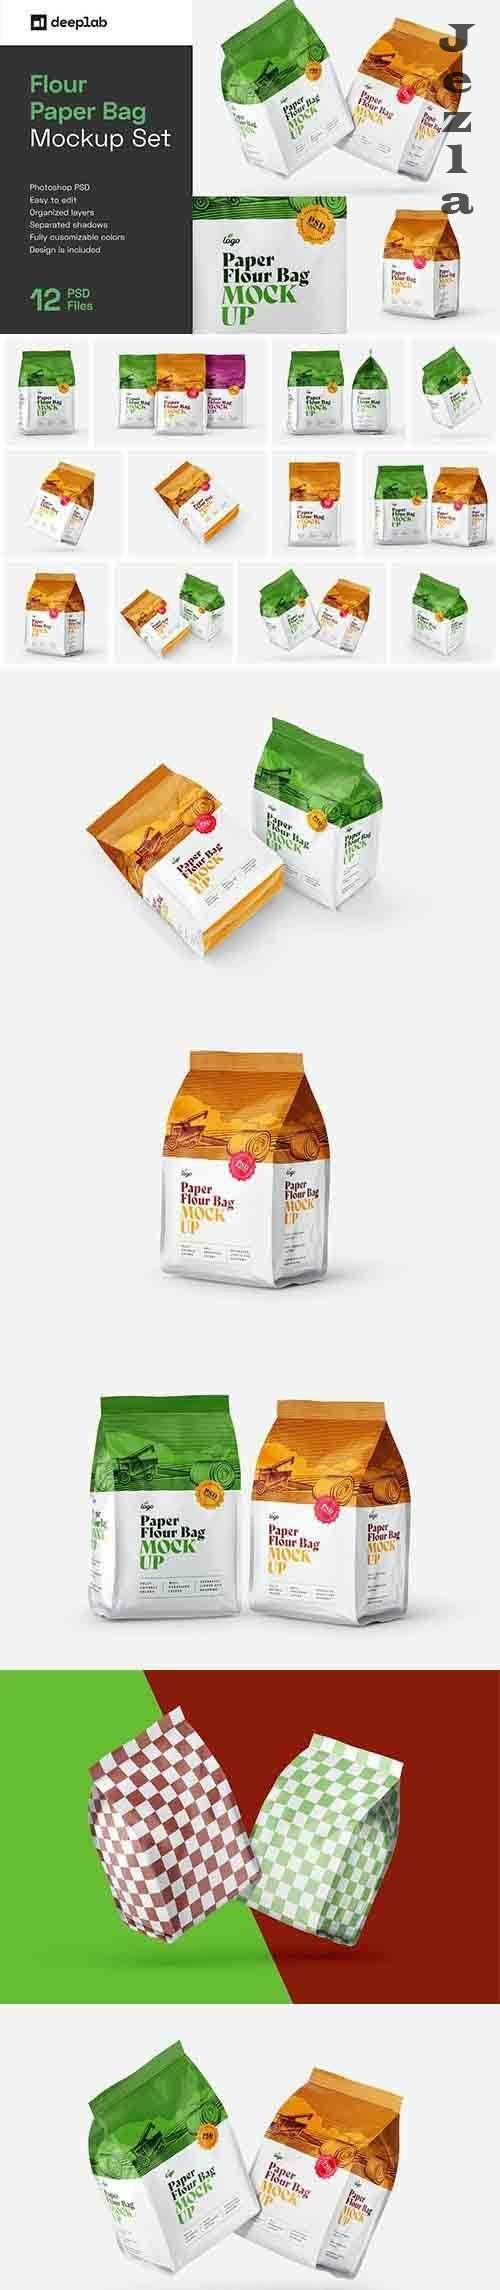 CreativeMarket - Paper Flour Bag Mockup Set   Pouch 6034118